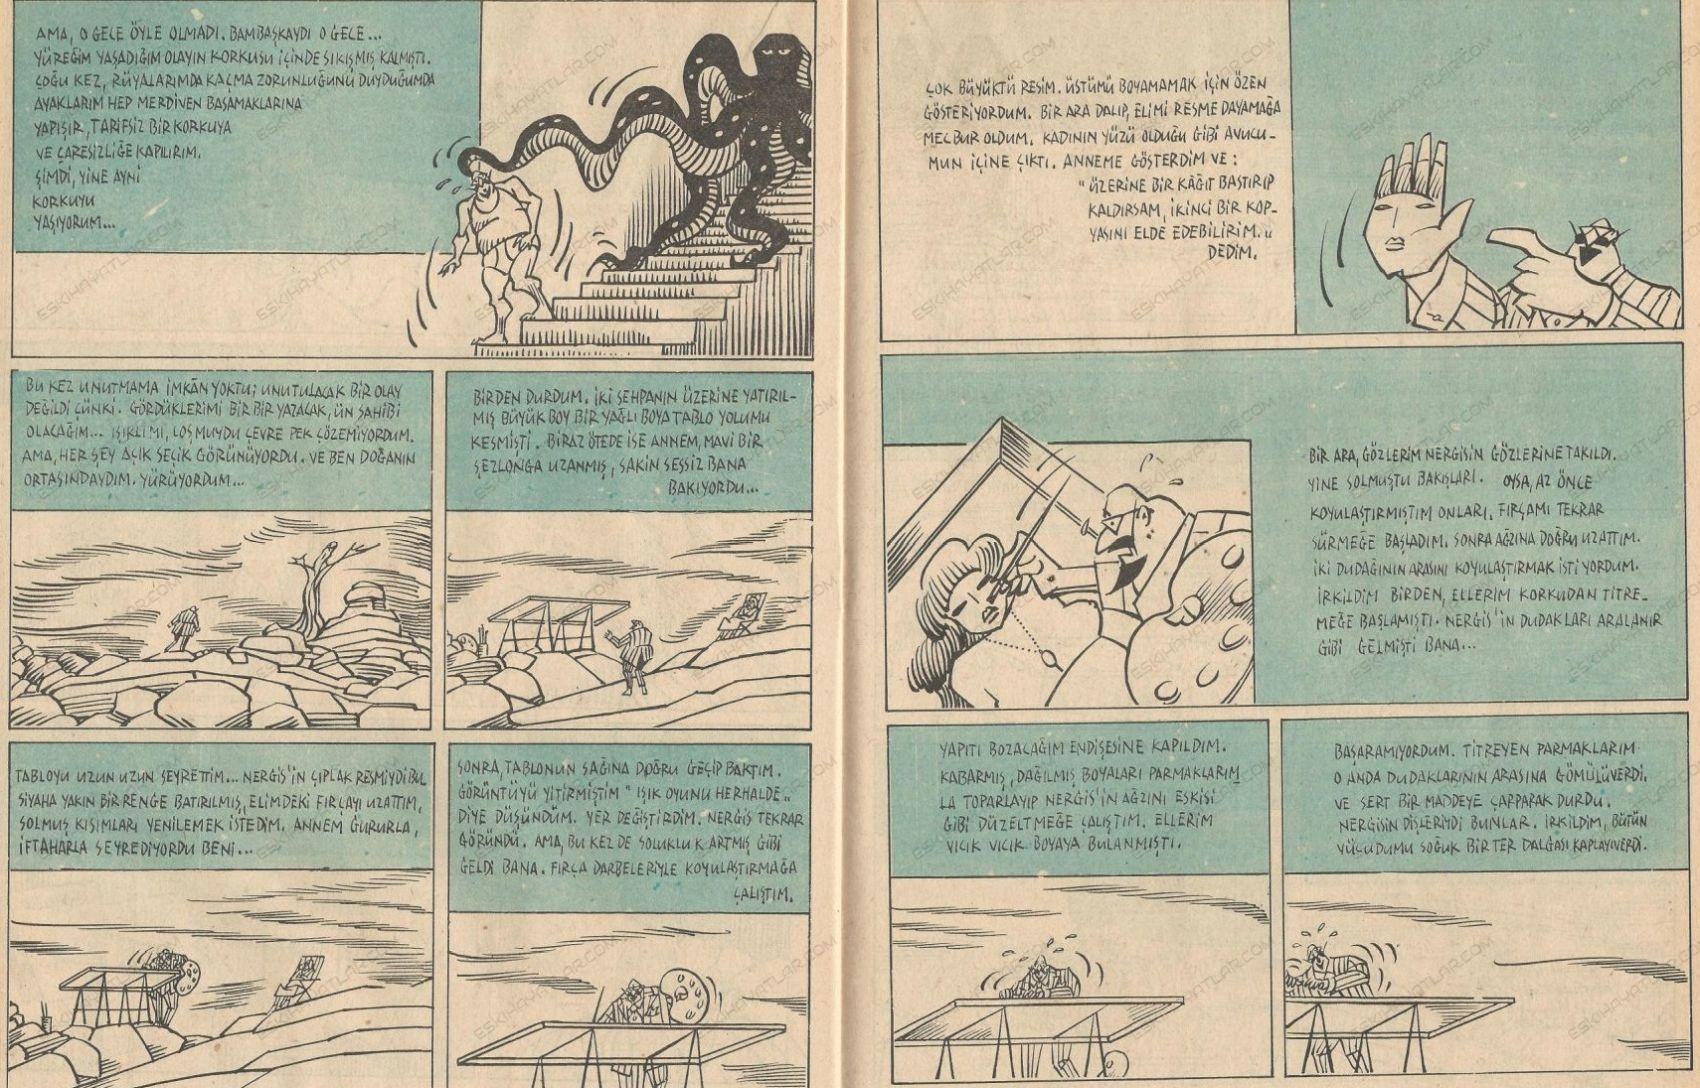 0177-abdulcanbaz-kadin-nedir-senin-adin-turhan-selcuk-milliyet-yayinlari (18)